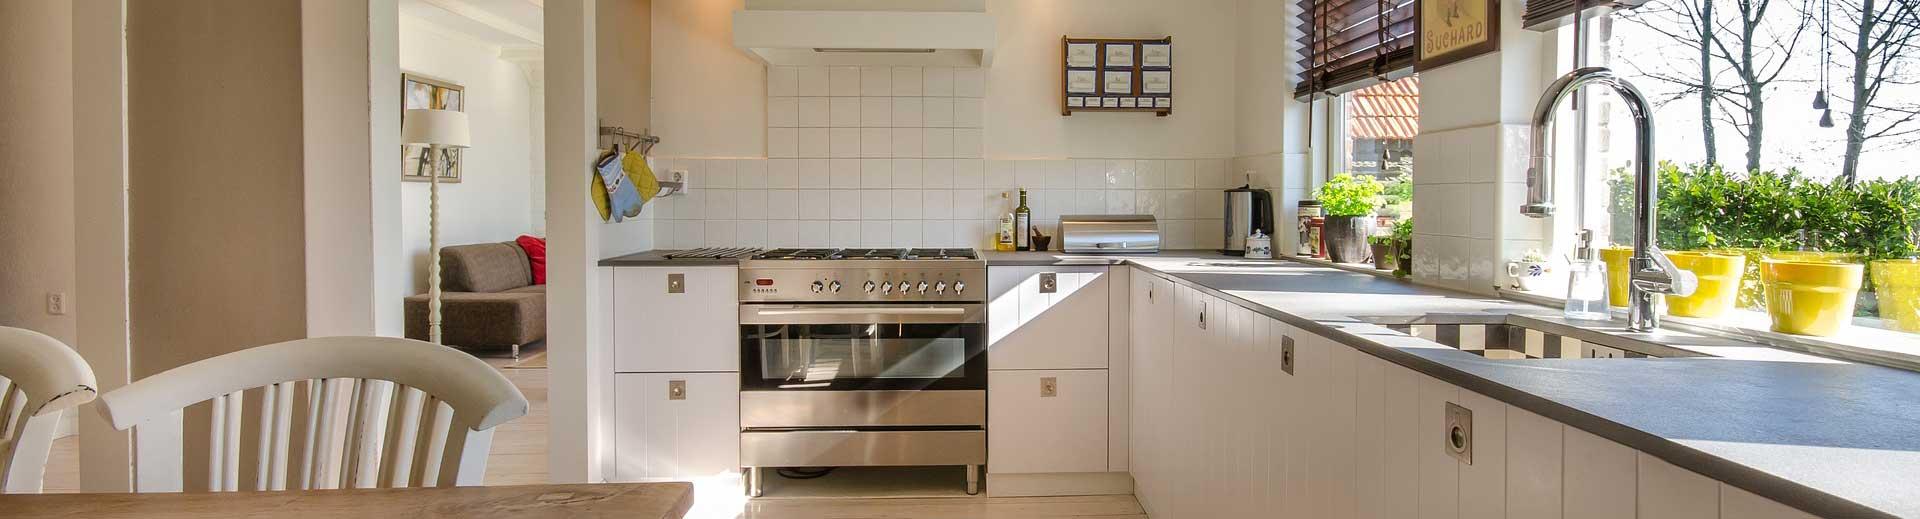 Keuken schoonmaken keukenkastjes tips stappenplan vetvrij schoonmaakmiddel De Duurzame Kaart